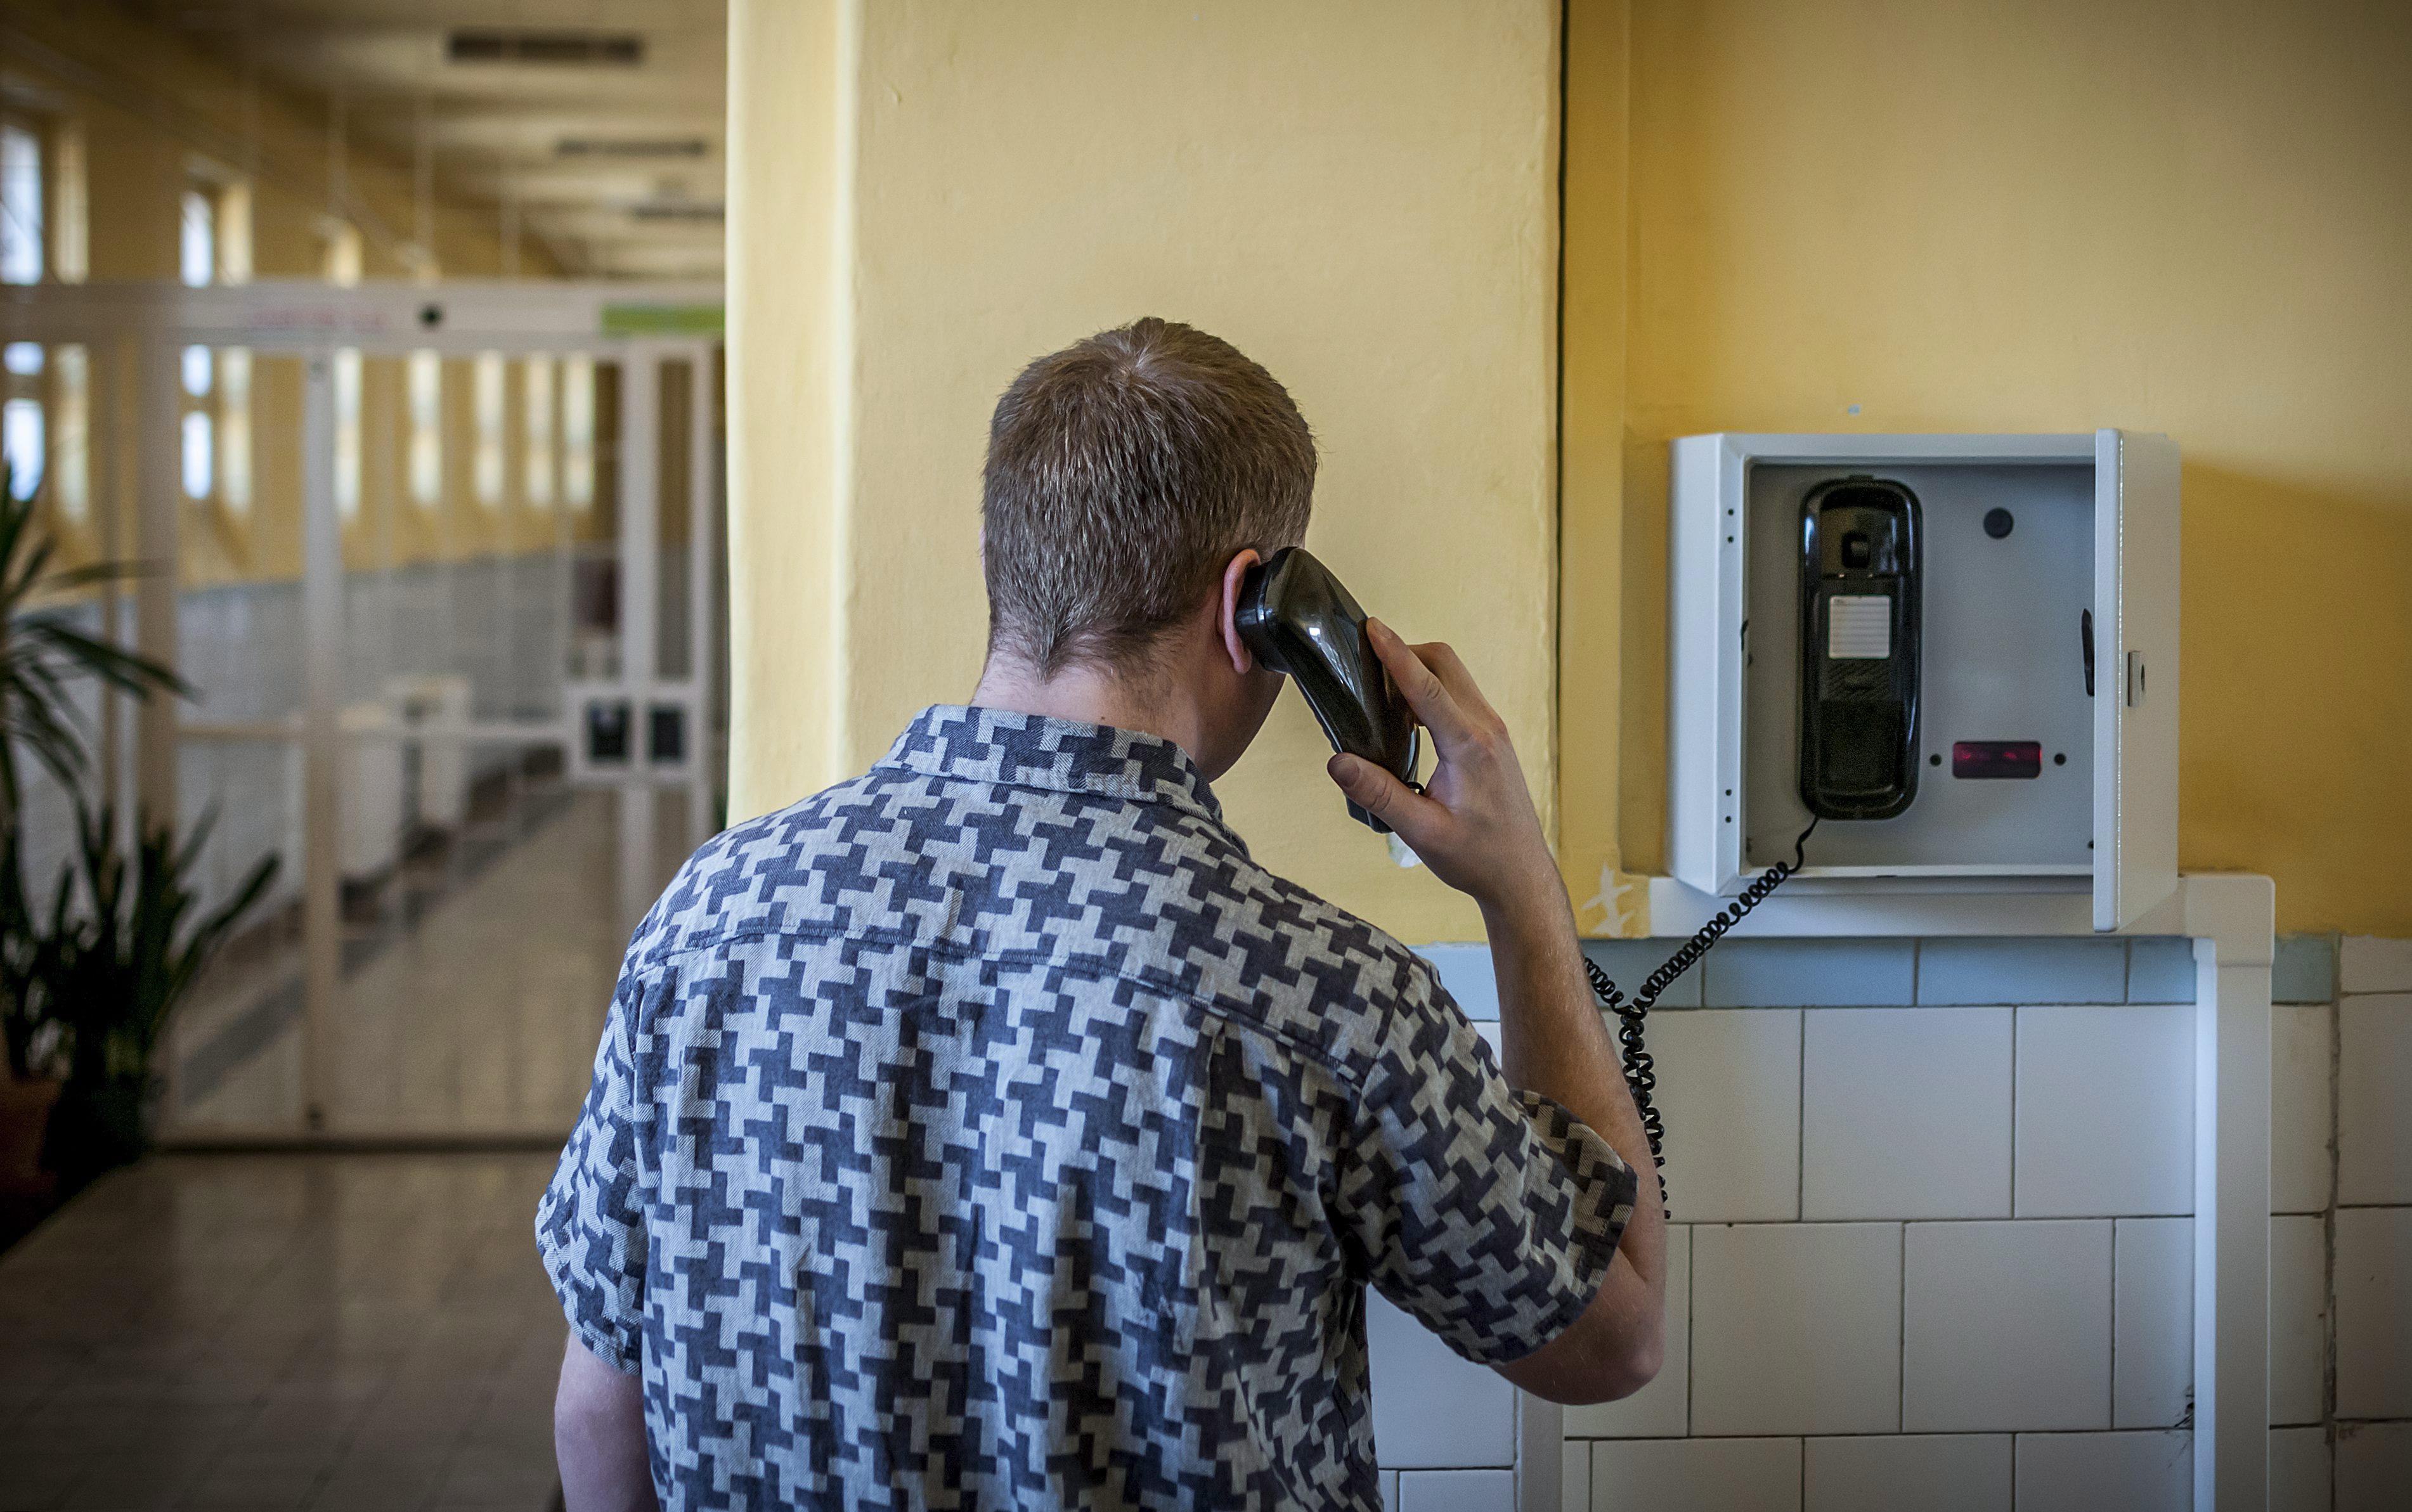 Hiába az újranyitás, a fogvatartottakat még egy hónapig nem lehet látogatni